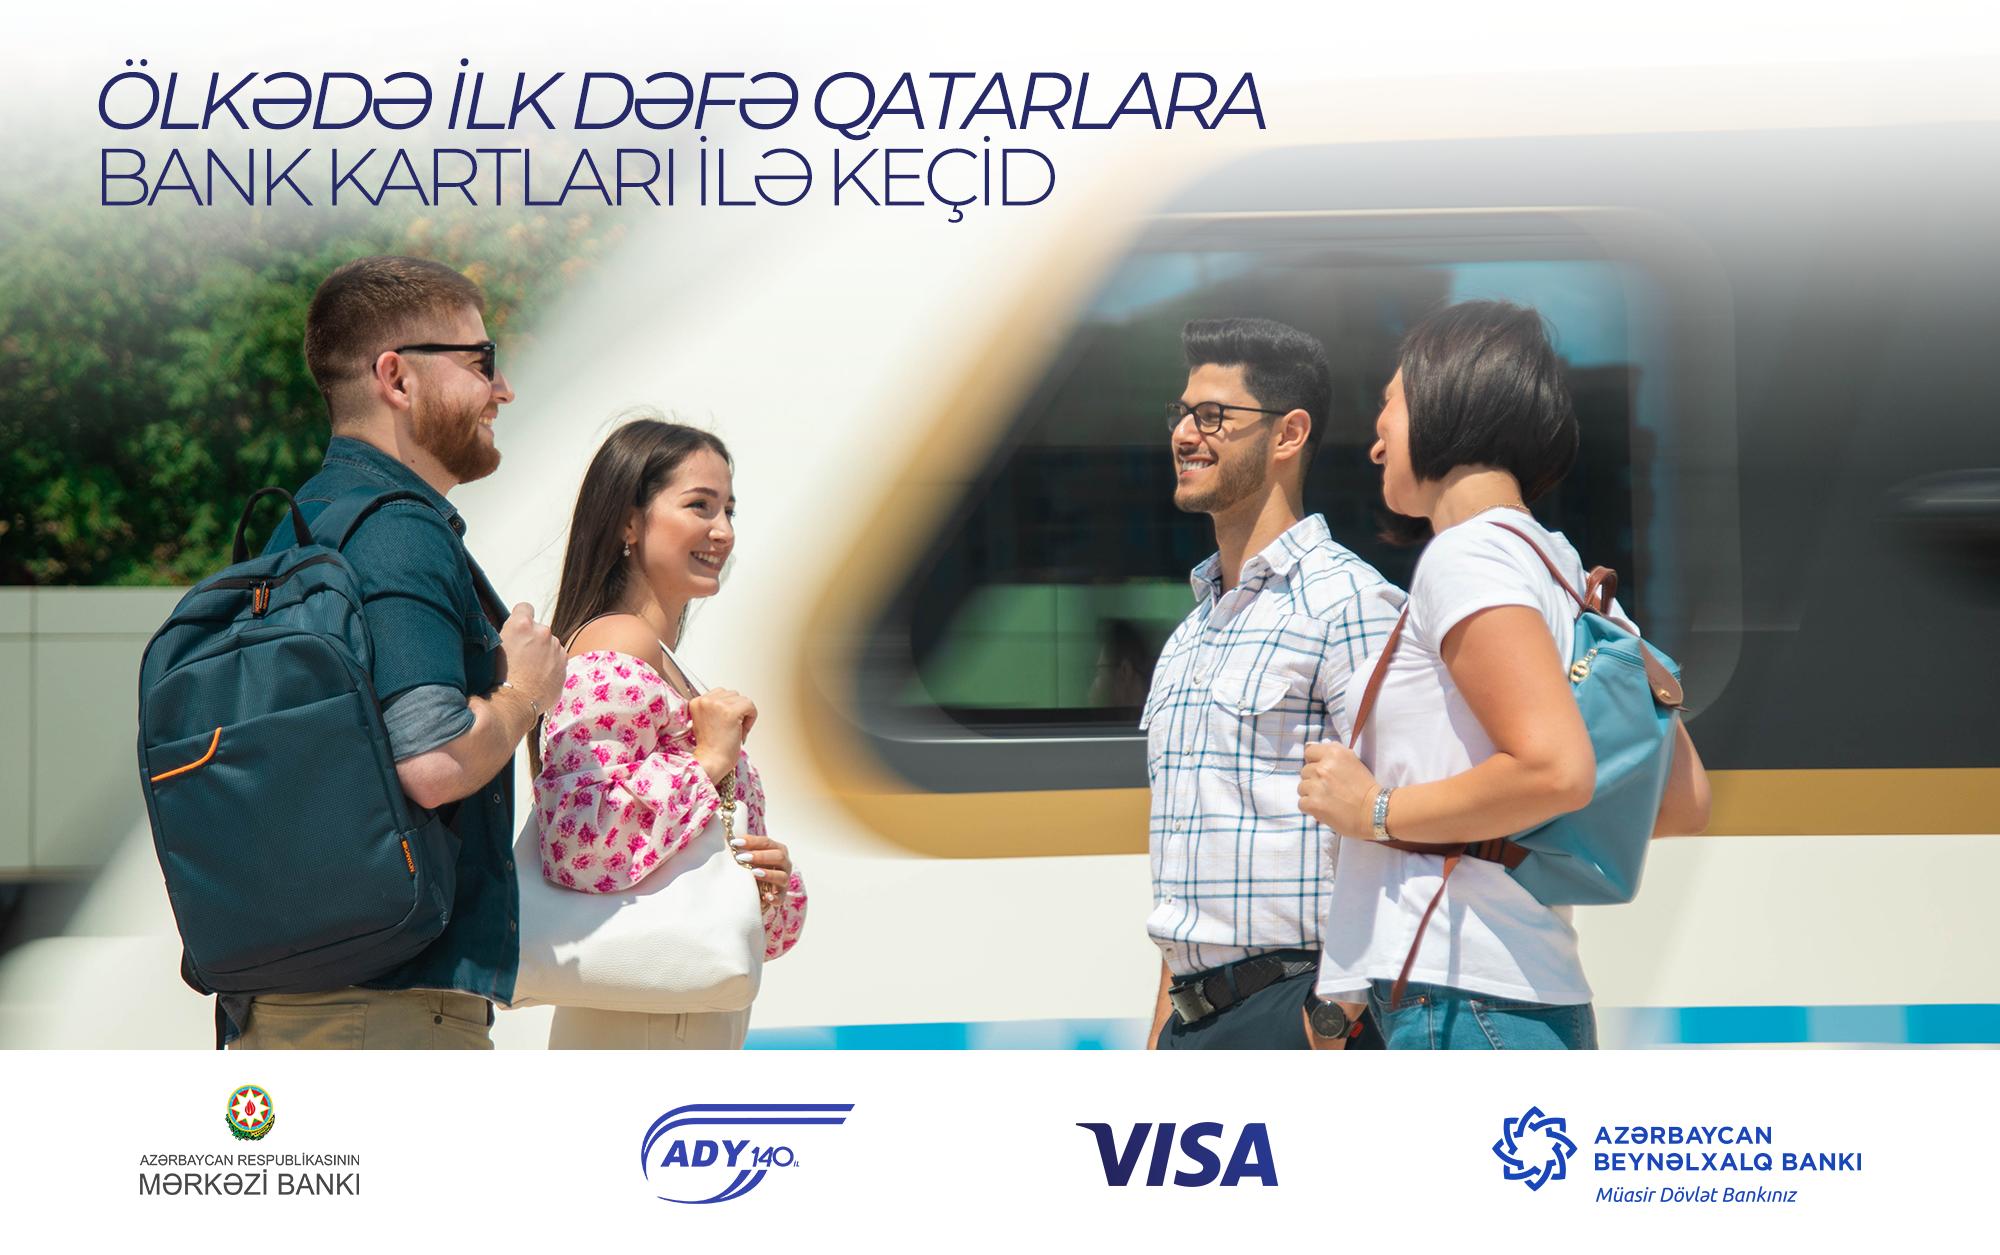 Проезд в бакинских электричках впервые можно будет оплачивать бесконтактными банковскими картами